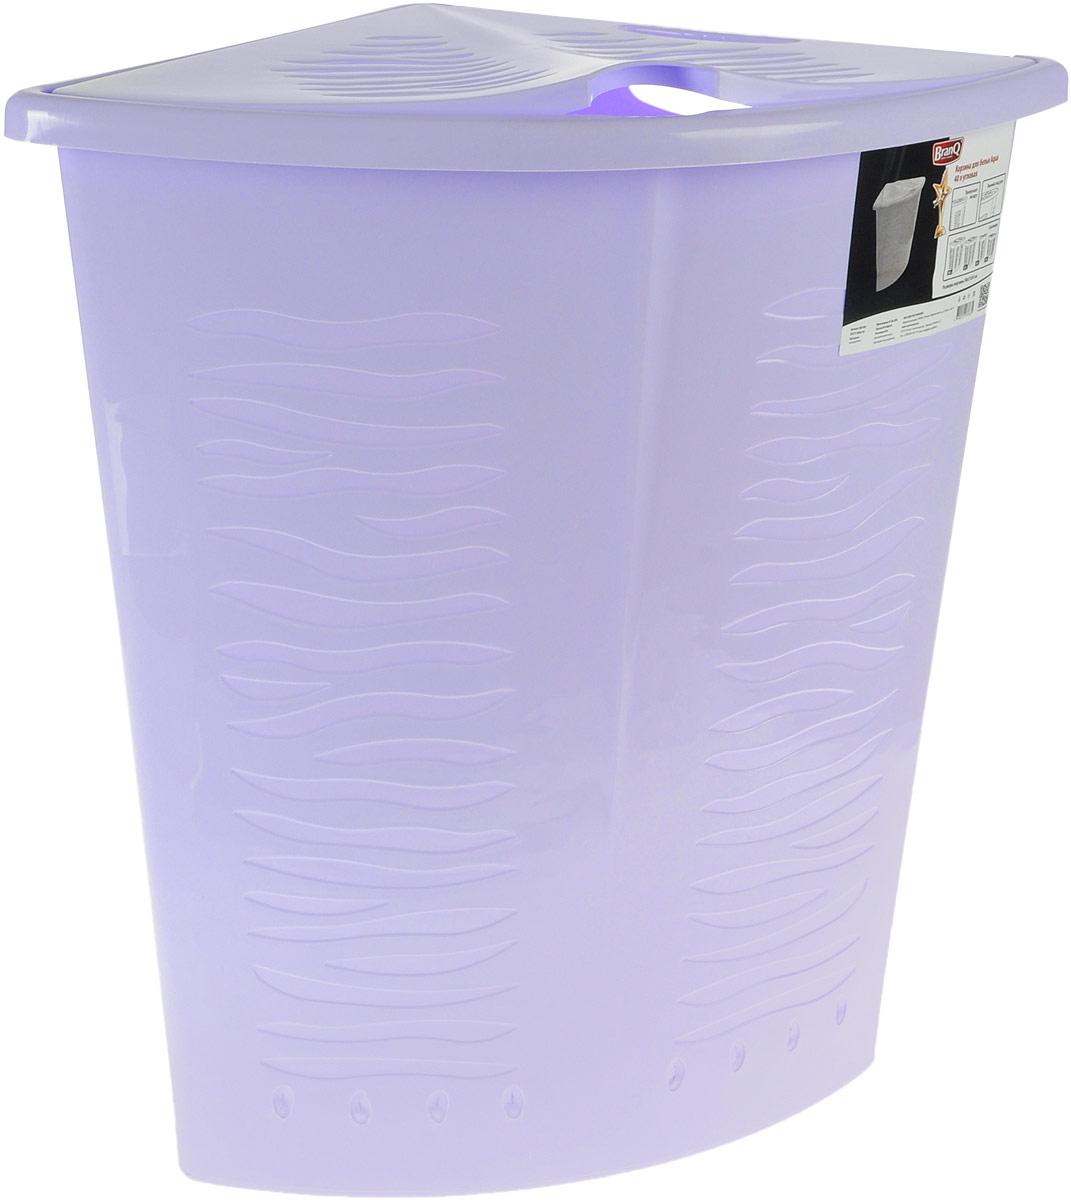 Корзина для белья BranQ Aqua, угловая, цвет: лавандовый, 40 л391602Угловая корзина для белья BranQ Aqua изготовлена из прочного полипропилена и оформлена перфорированными отверстиями, благодаря которым обеспечивается естественная вентиляция. Изделие идеально подходит для небольших ванных комнат. Корзина оснащена крышкой и ручкой для переноски. На крышке имеется выемка для удобного открывания крышки. Такая корзина для белья прекрасно впишется в интерьер ванной комнаты.